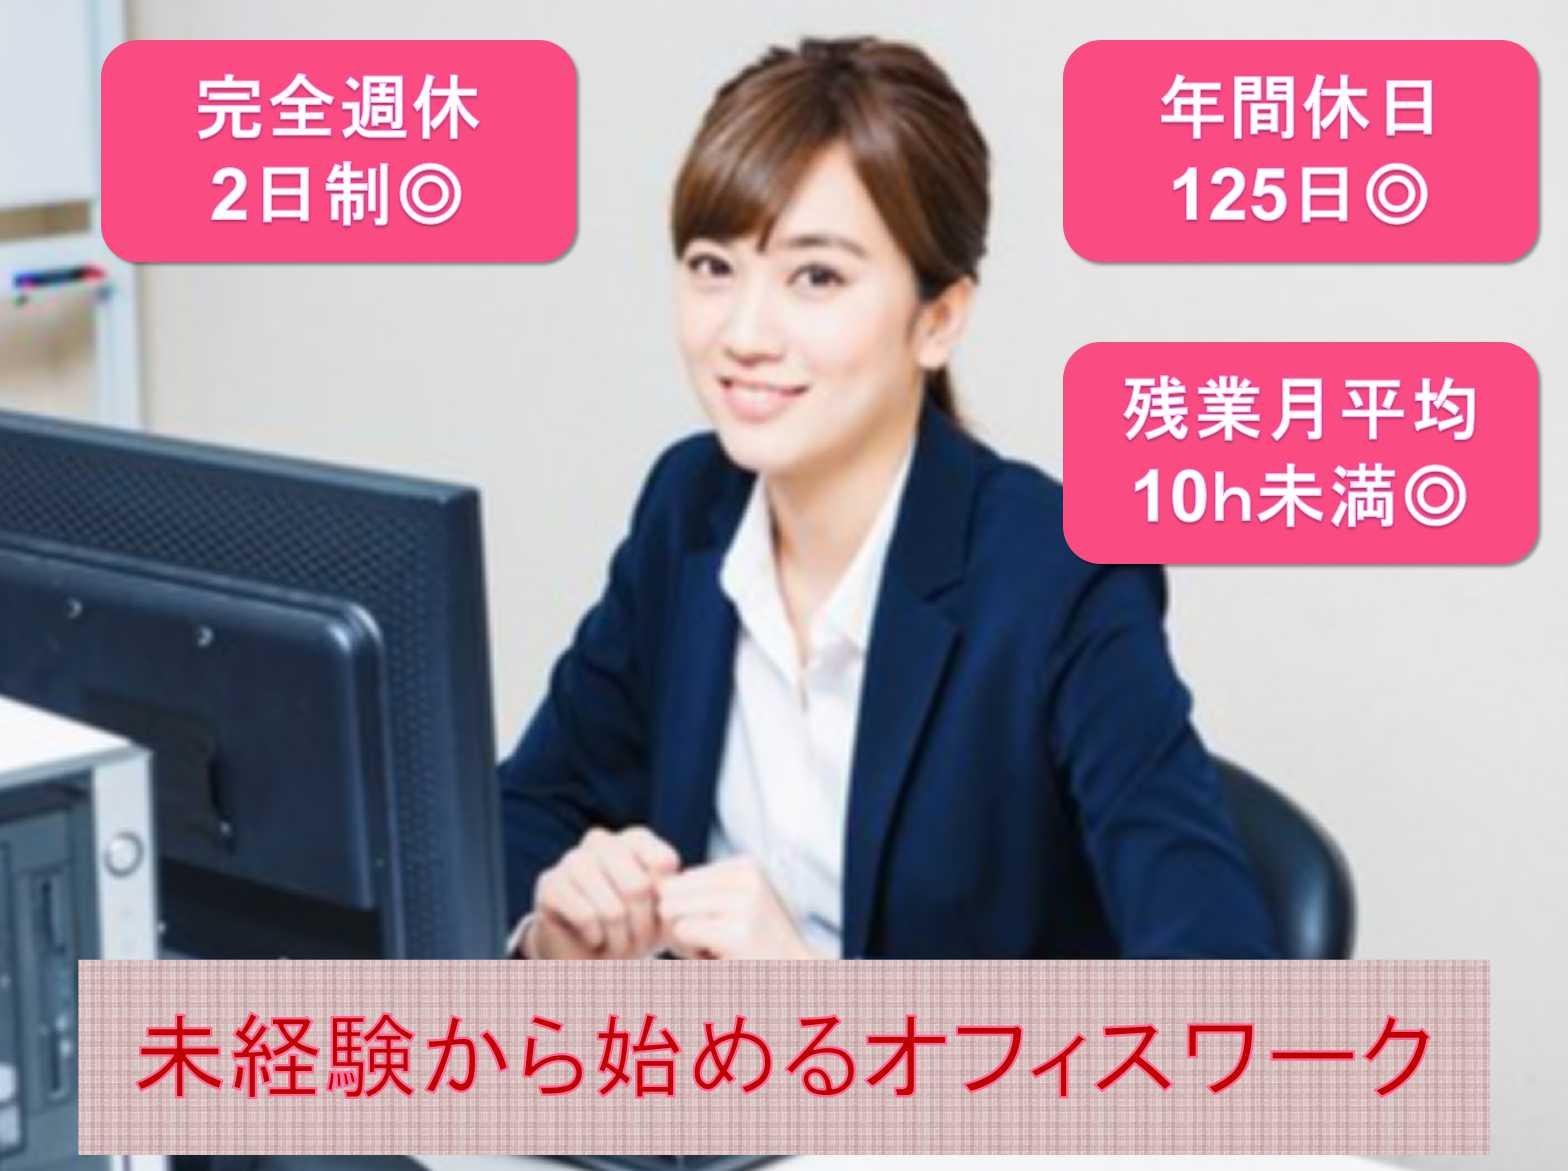 【正社員】土日祝休み☆未経験から始めるオフィスワーク☆ イメージ